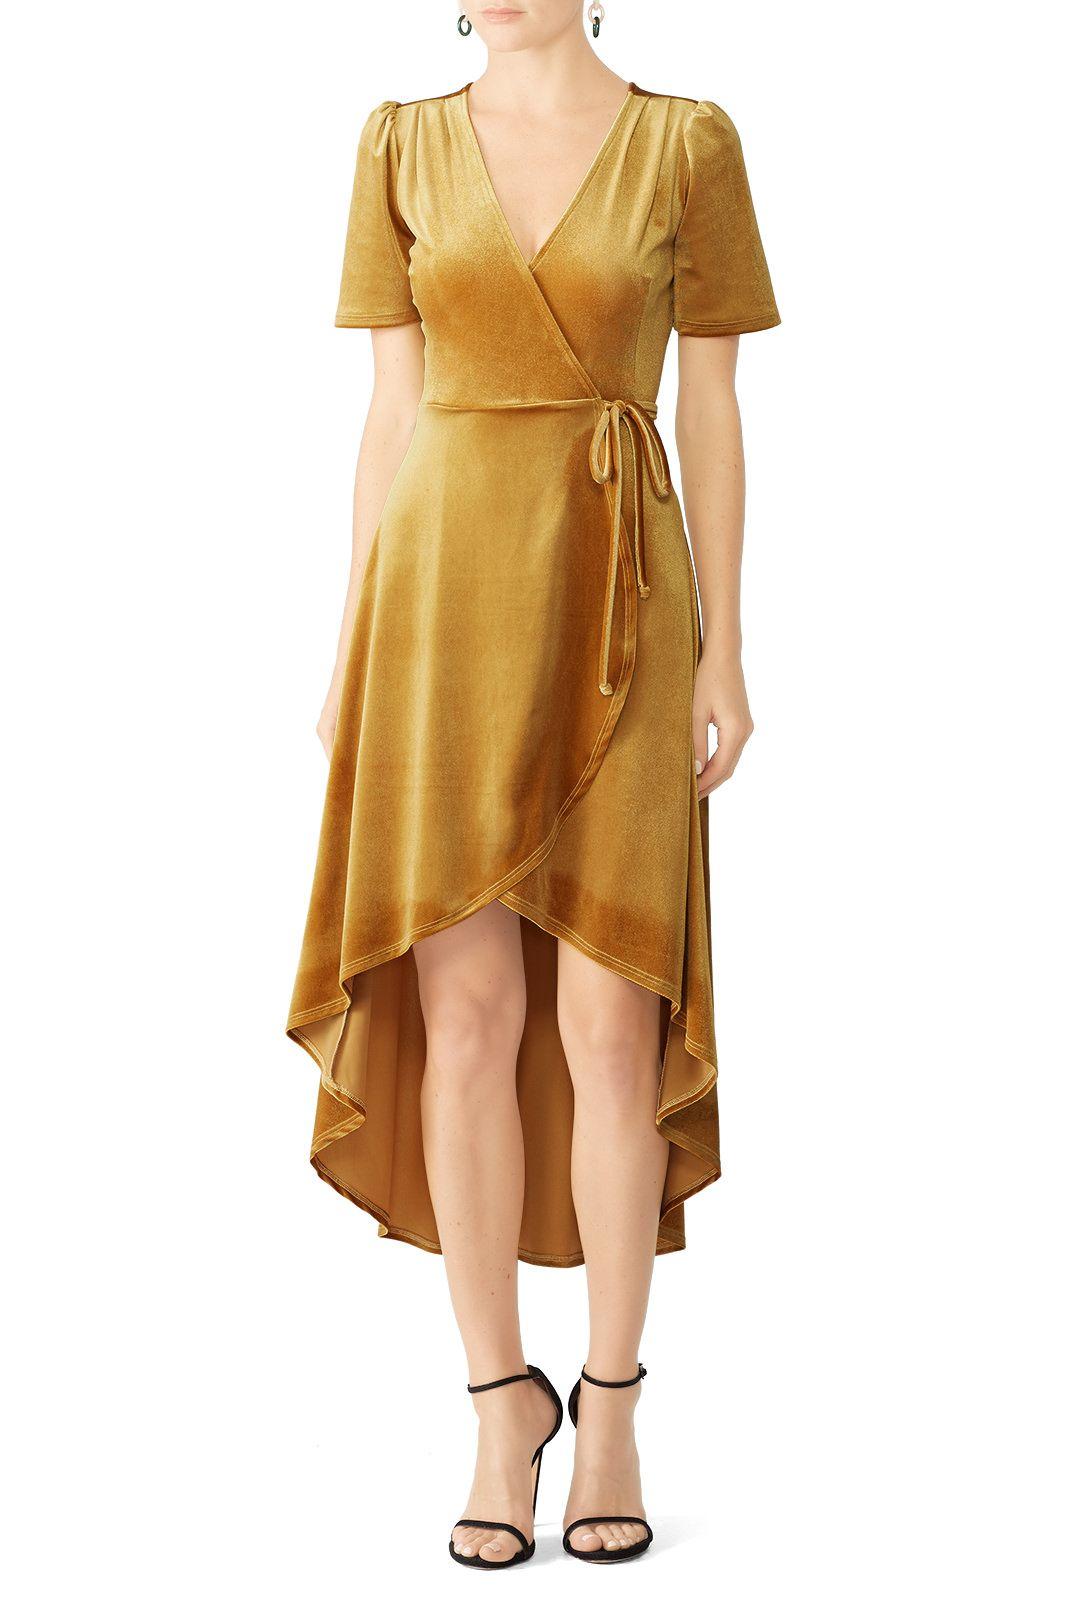 604f409741 Mustard Velvet Wrap Dress by Slate   Willow for  30 -  40